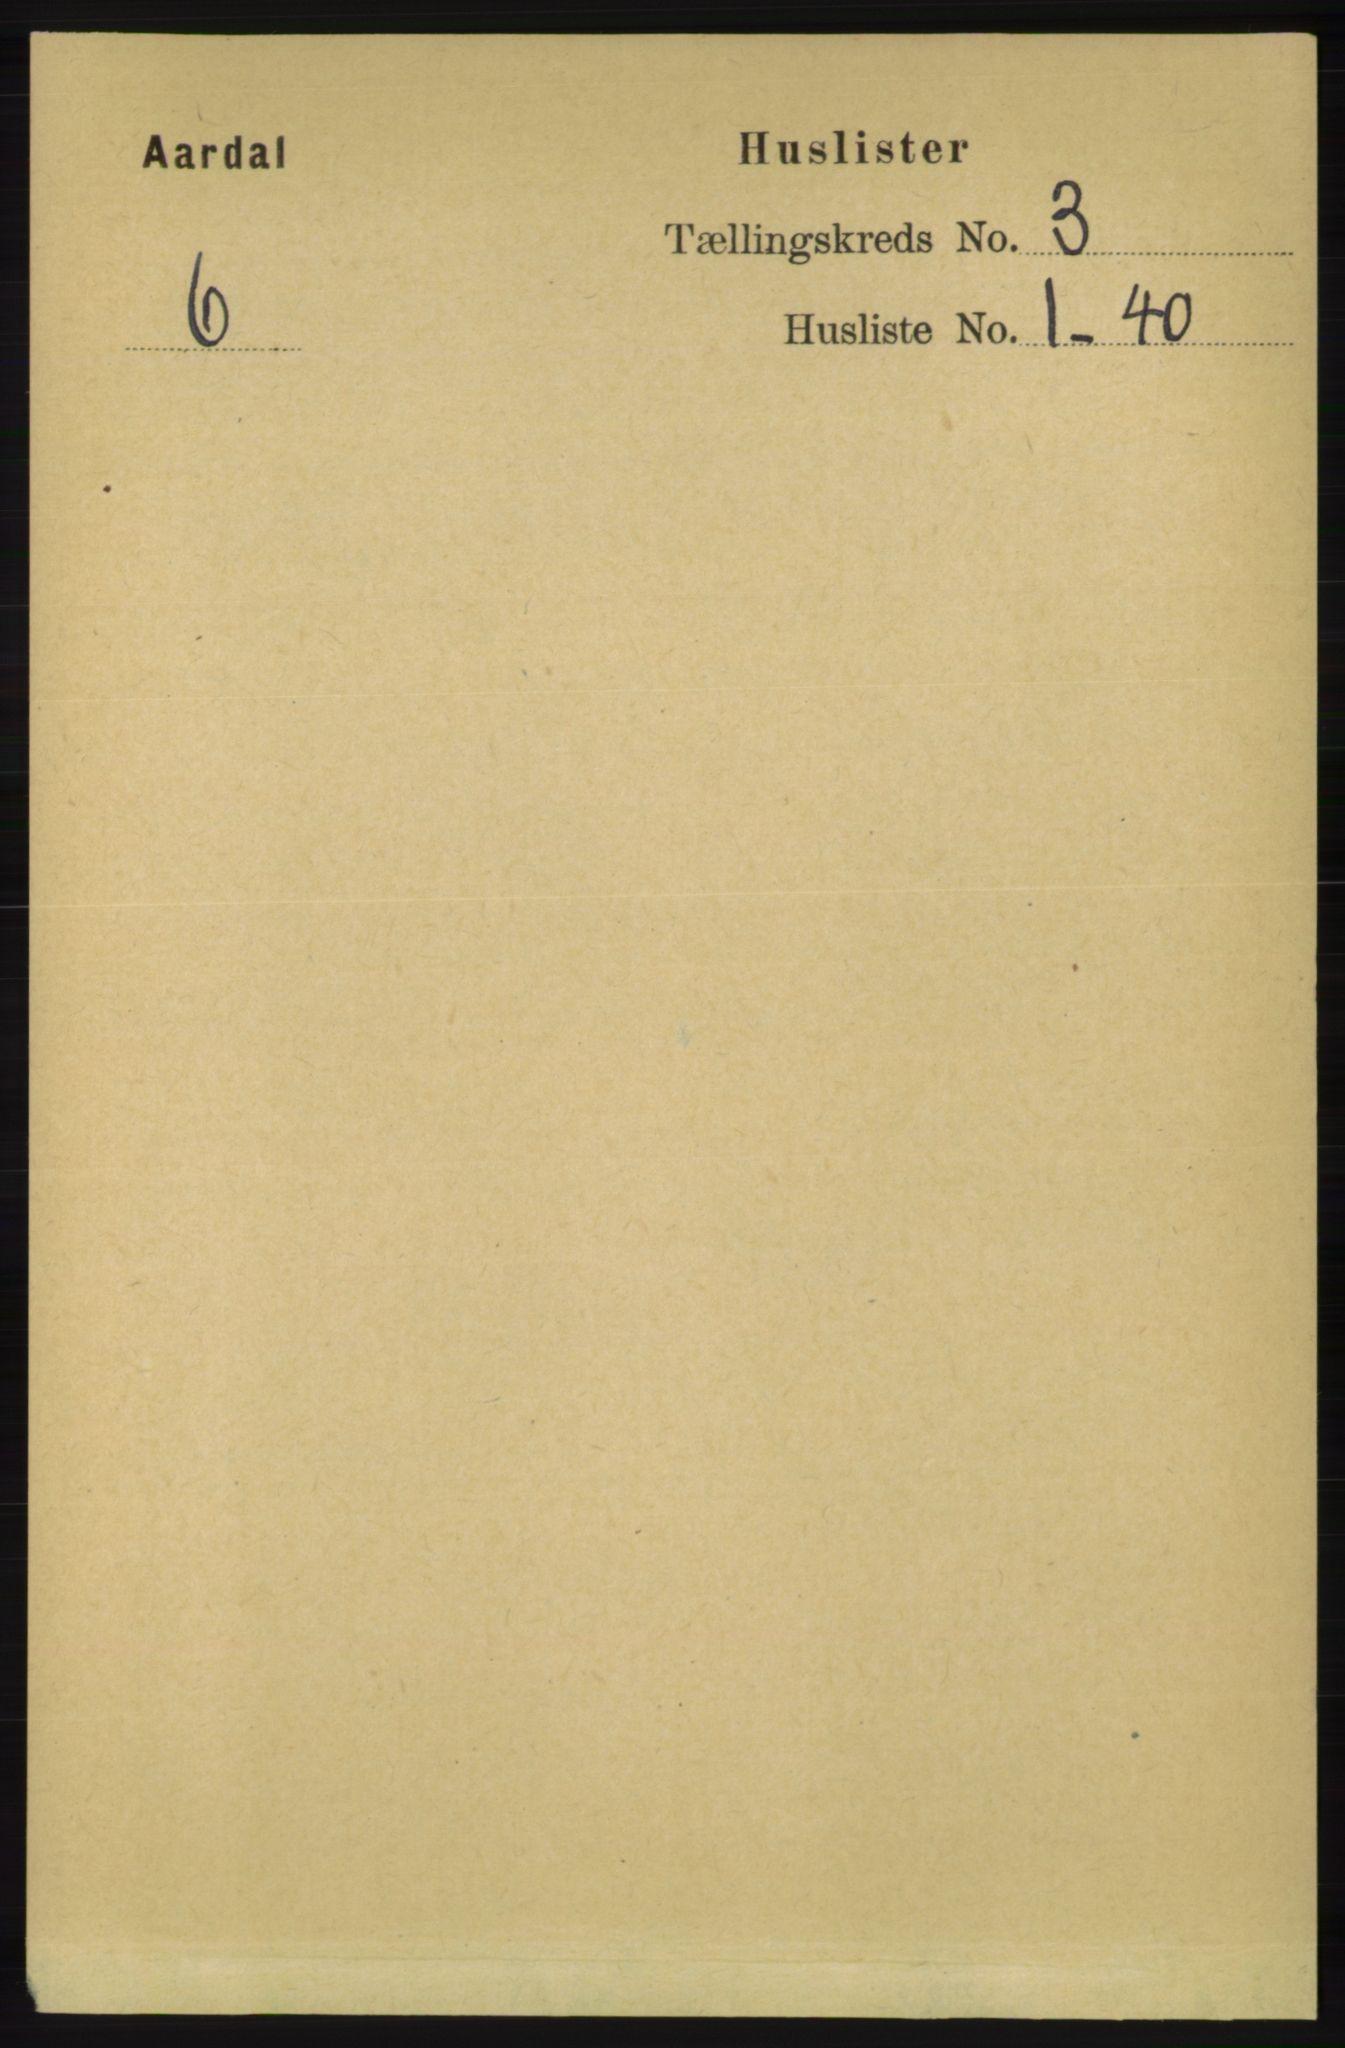 RA, Folketelling 1891 for 1131 Årdal herred, 1891, s. 781